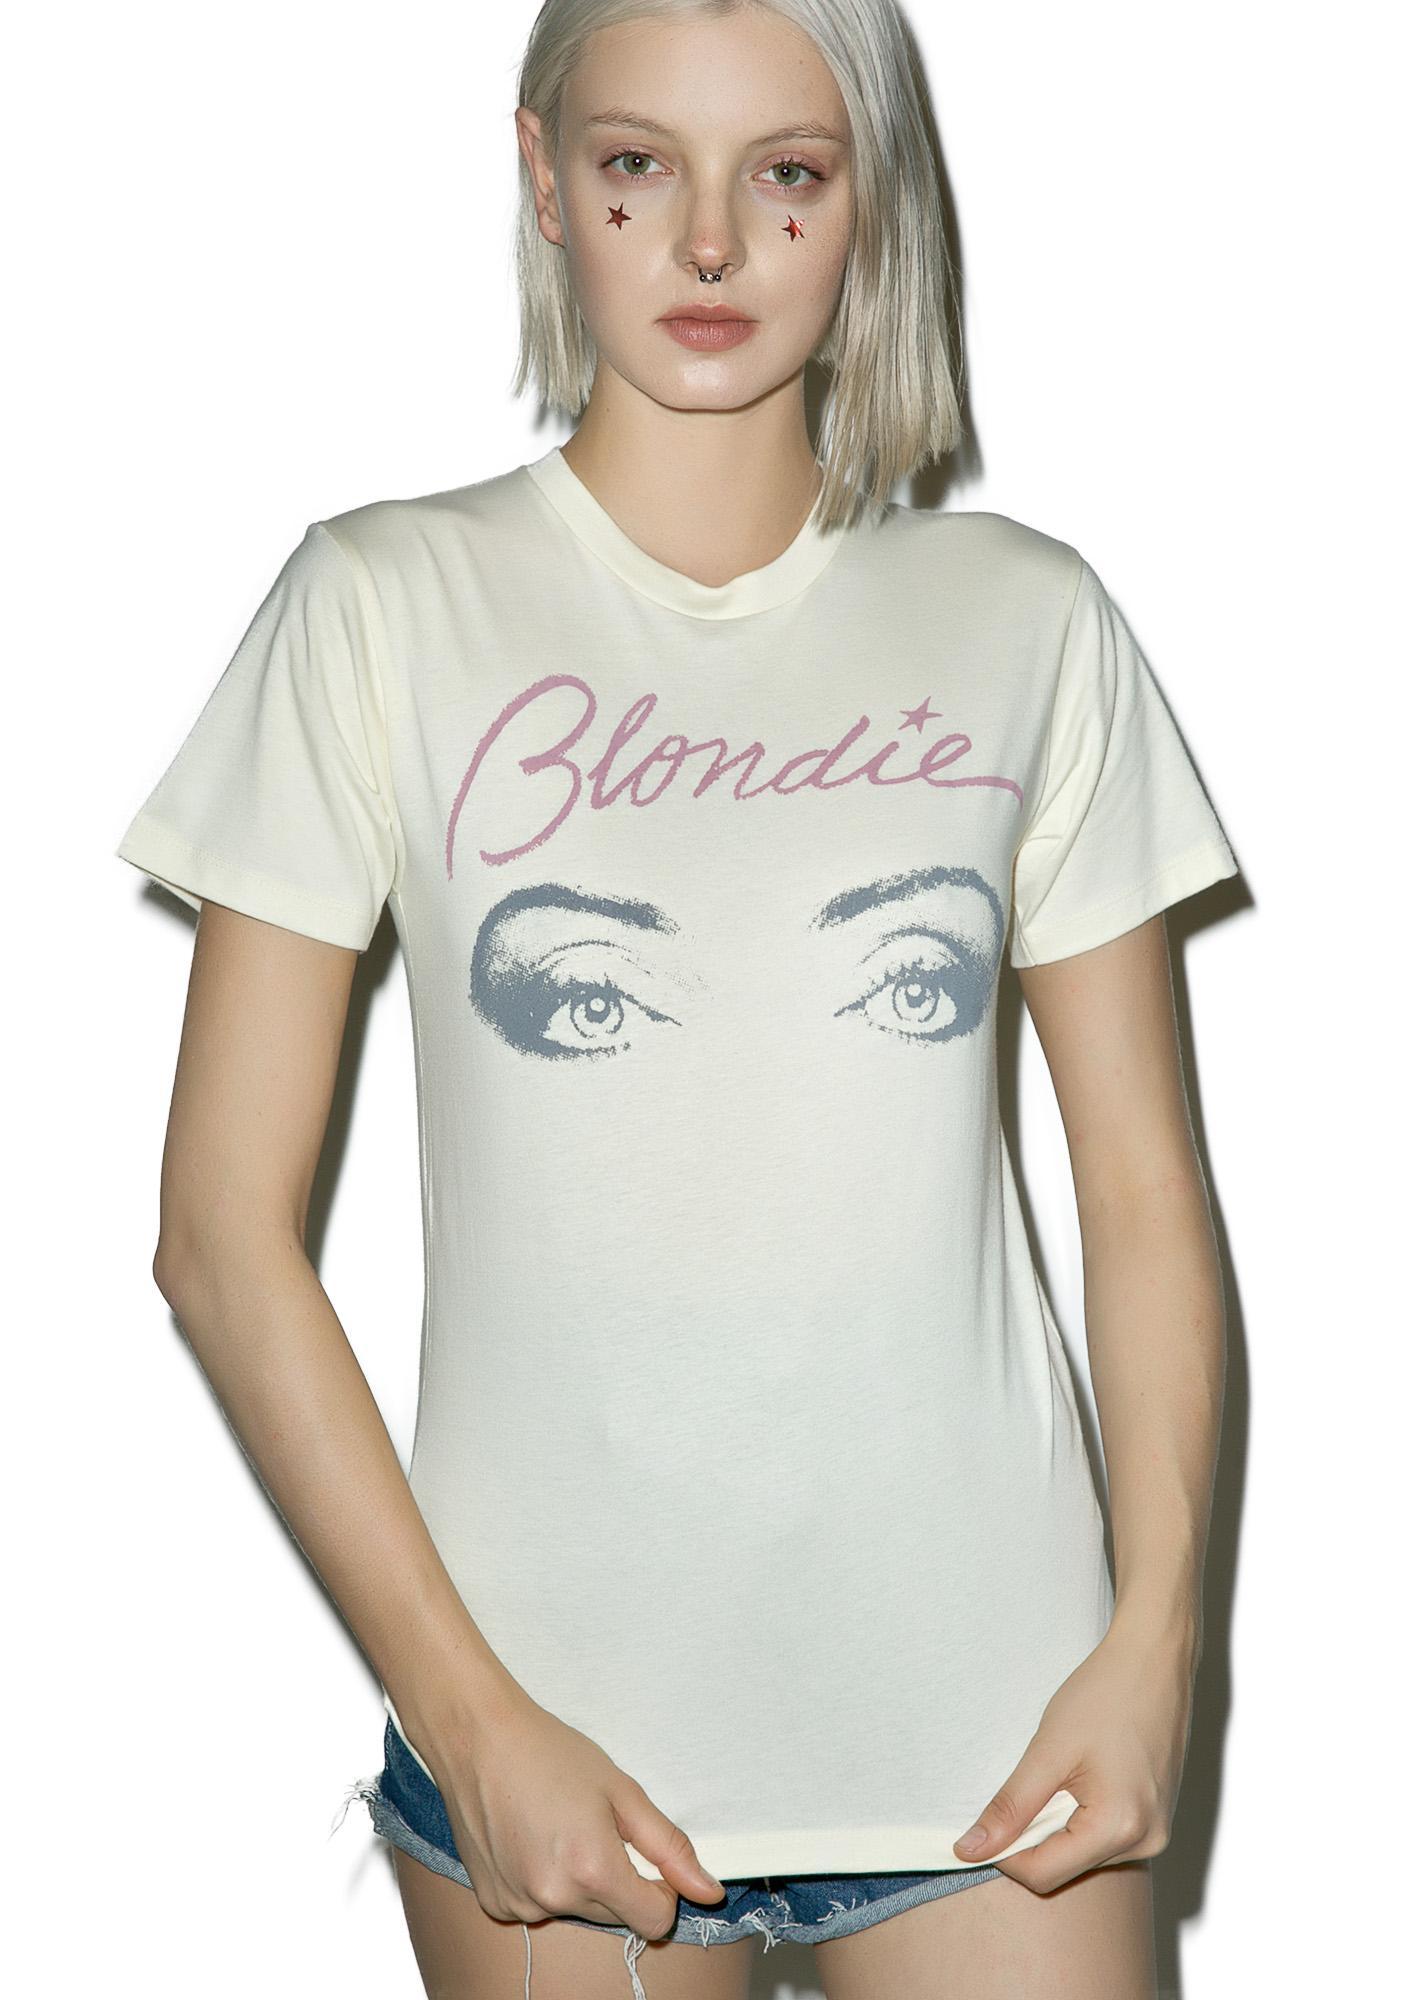 Blondie Glare T-Shirt